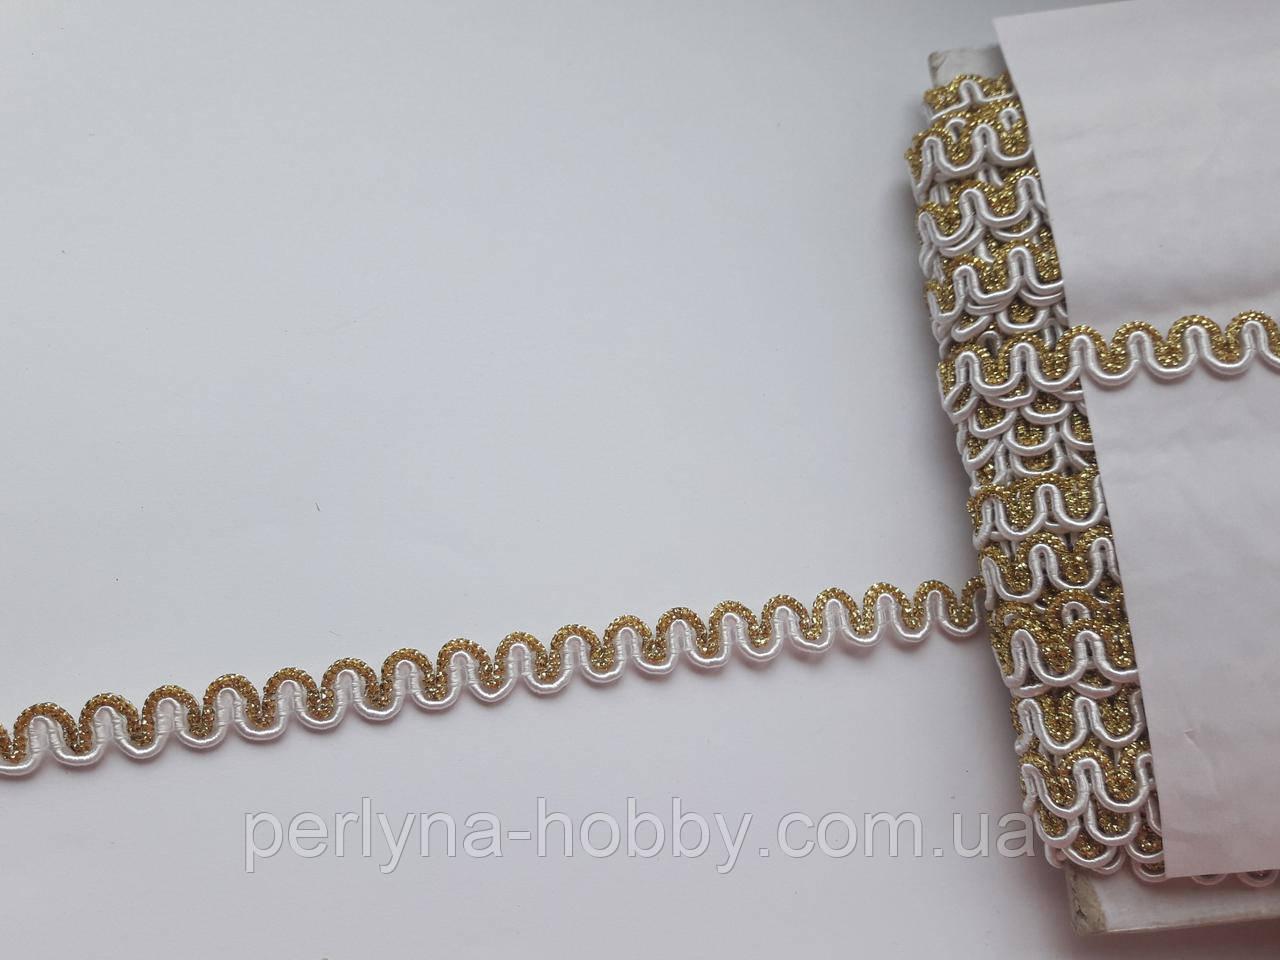 Тасьма декоративна біла з золотом 1 см